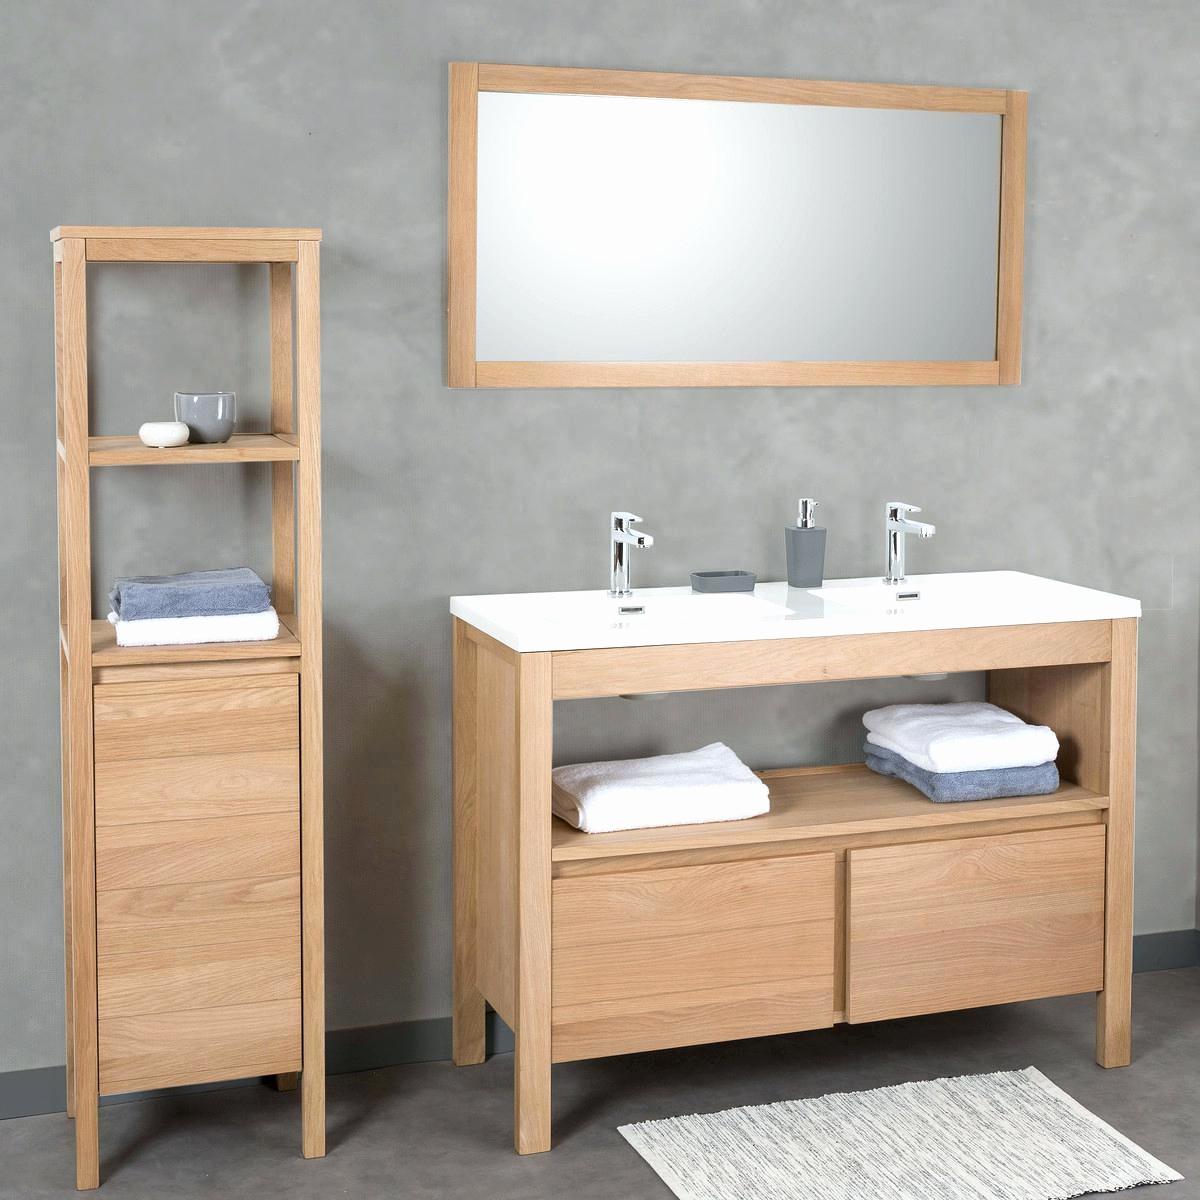 Plan De Travail Salle De Bain Ikea Frais Collection 36 Génial De Meuble sous Vasque Ikea